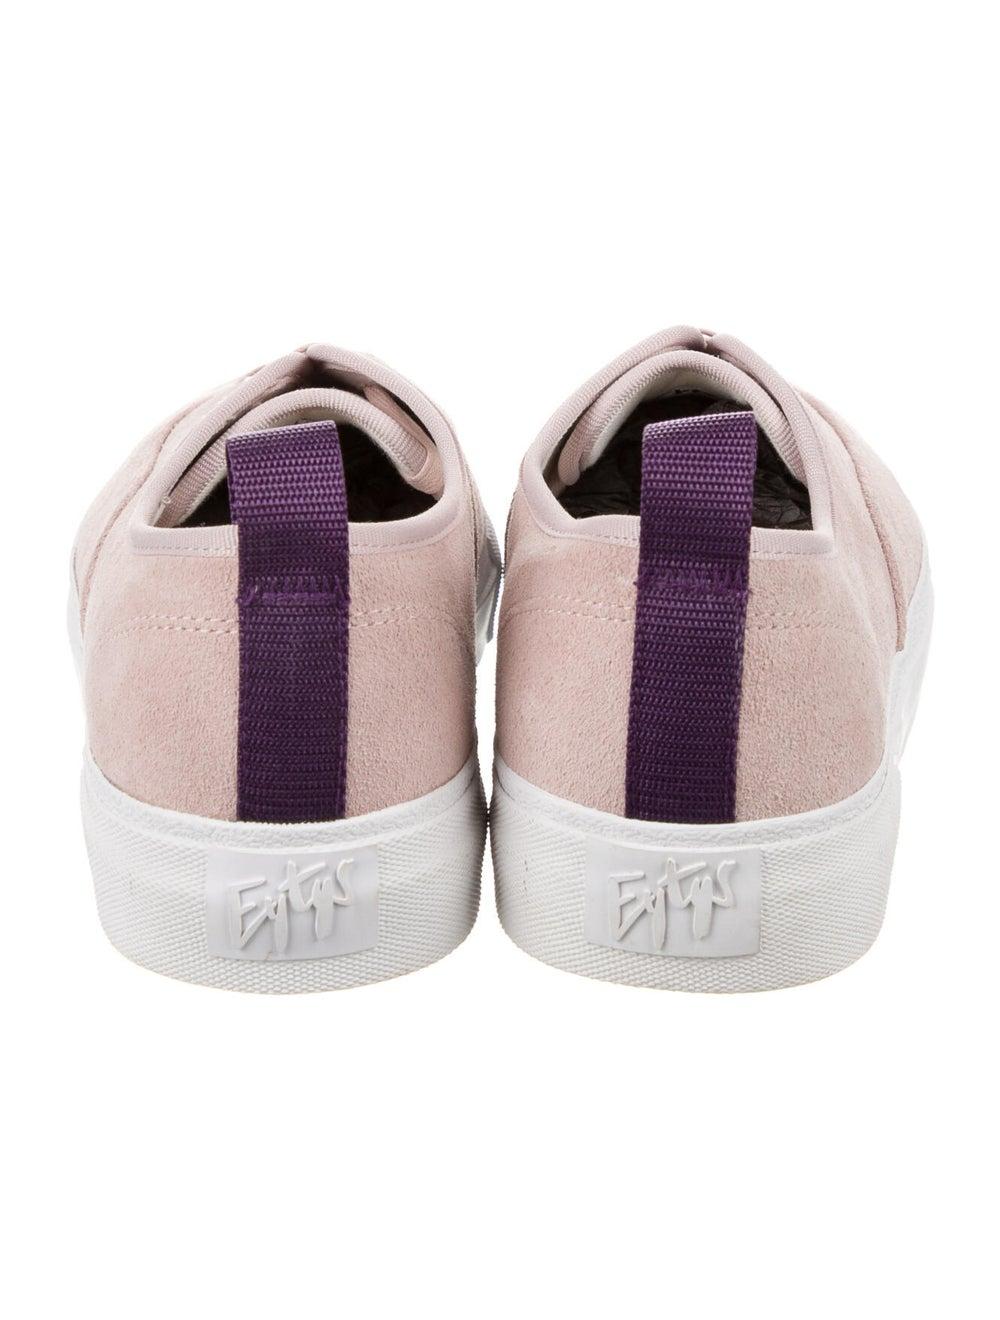 Eytys Suede Sneakers Pink - image 4